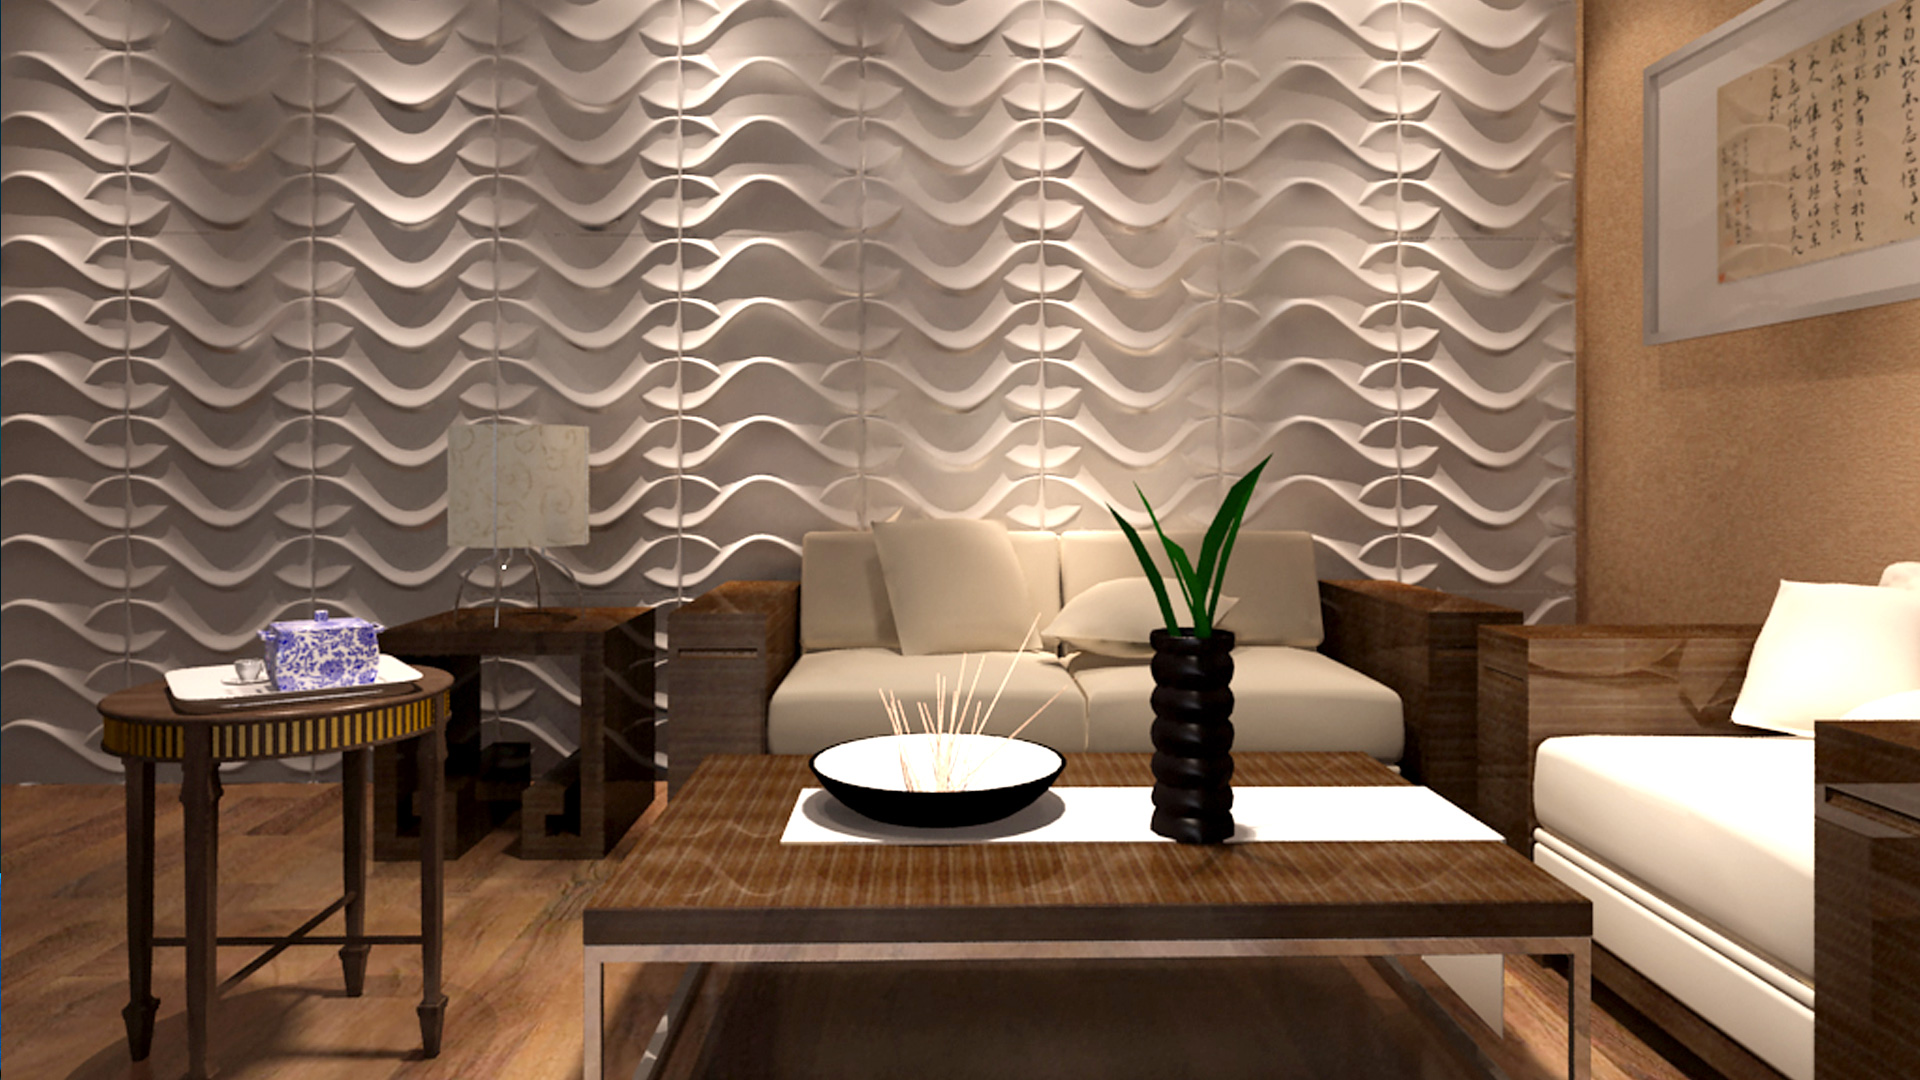 Wohnzimmer 3d wandpaneele deckenpaneele wandverkleidung aus bambus - 3d wandpaneele ...